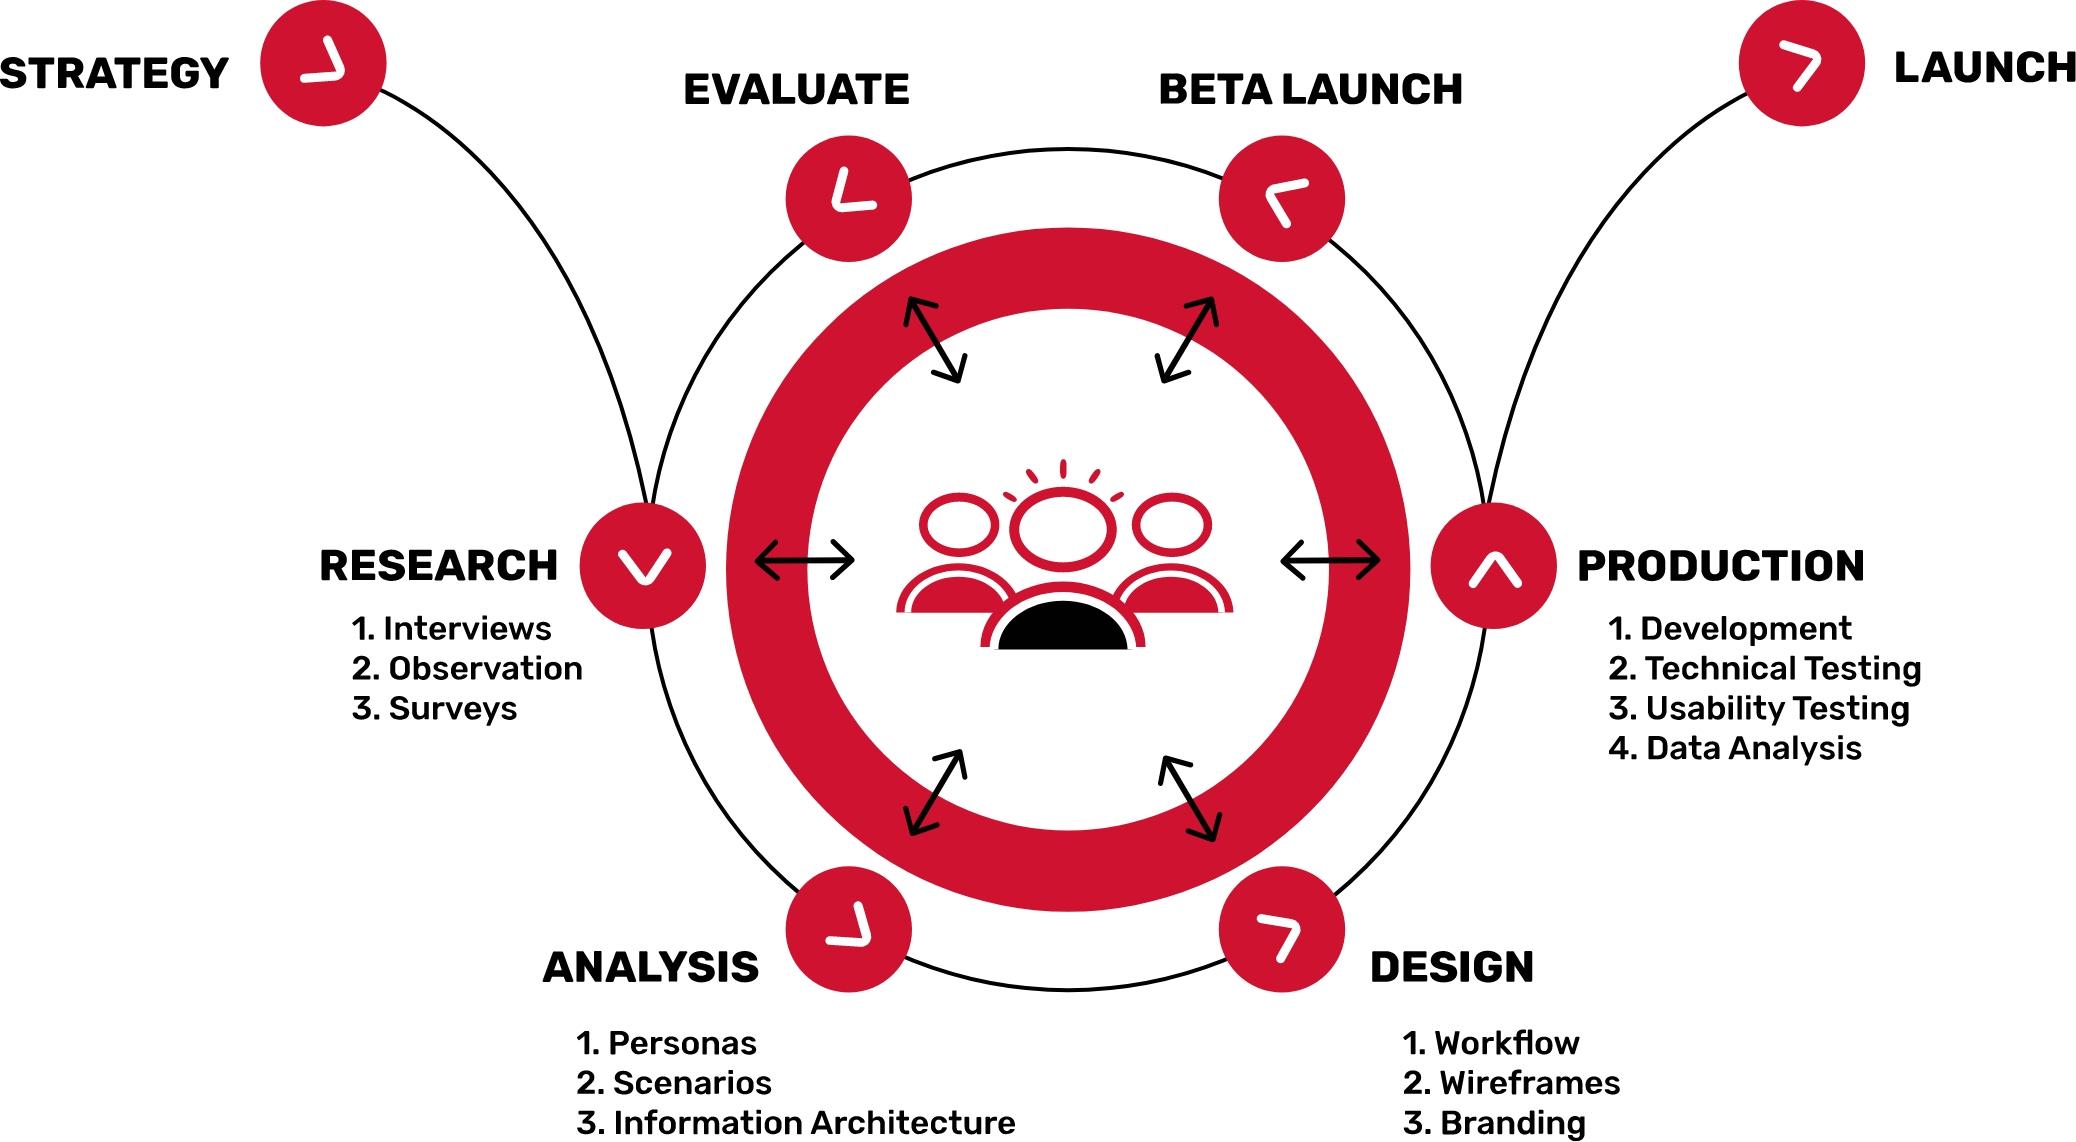 Our UIUX Process